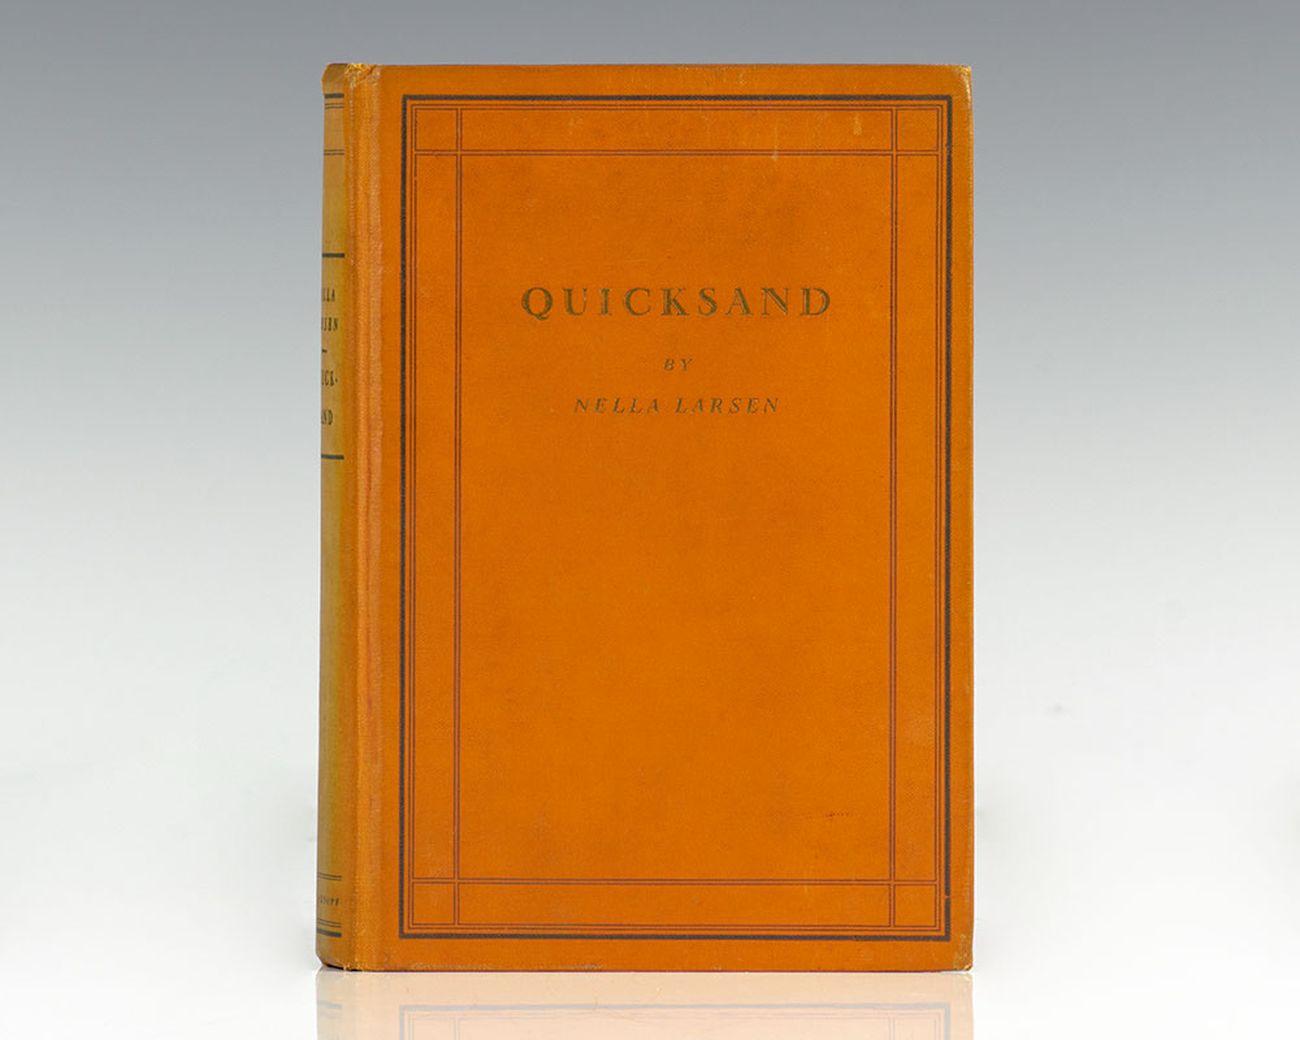 Nella Larsen, Quicksand, 1928